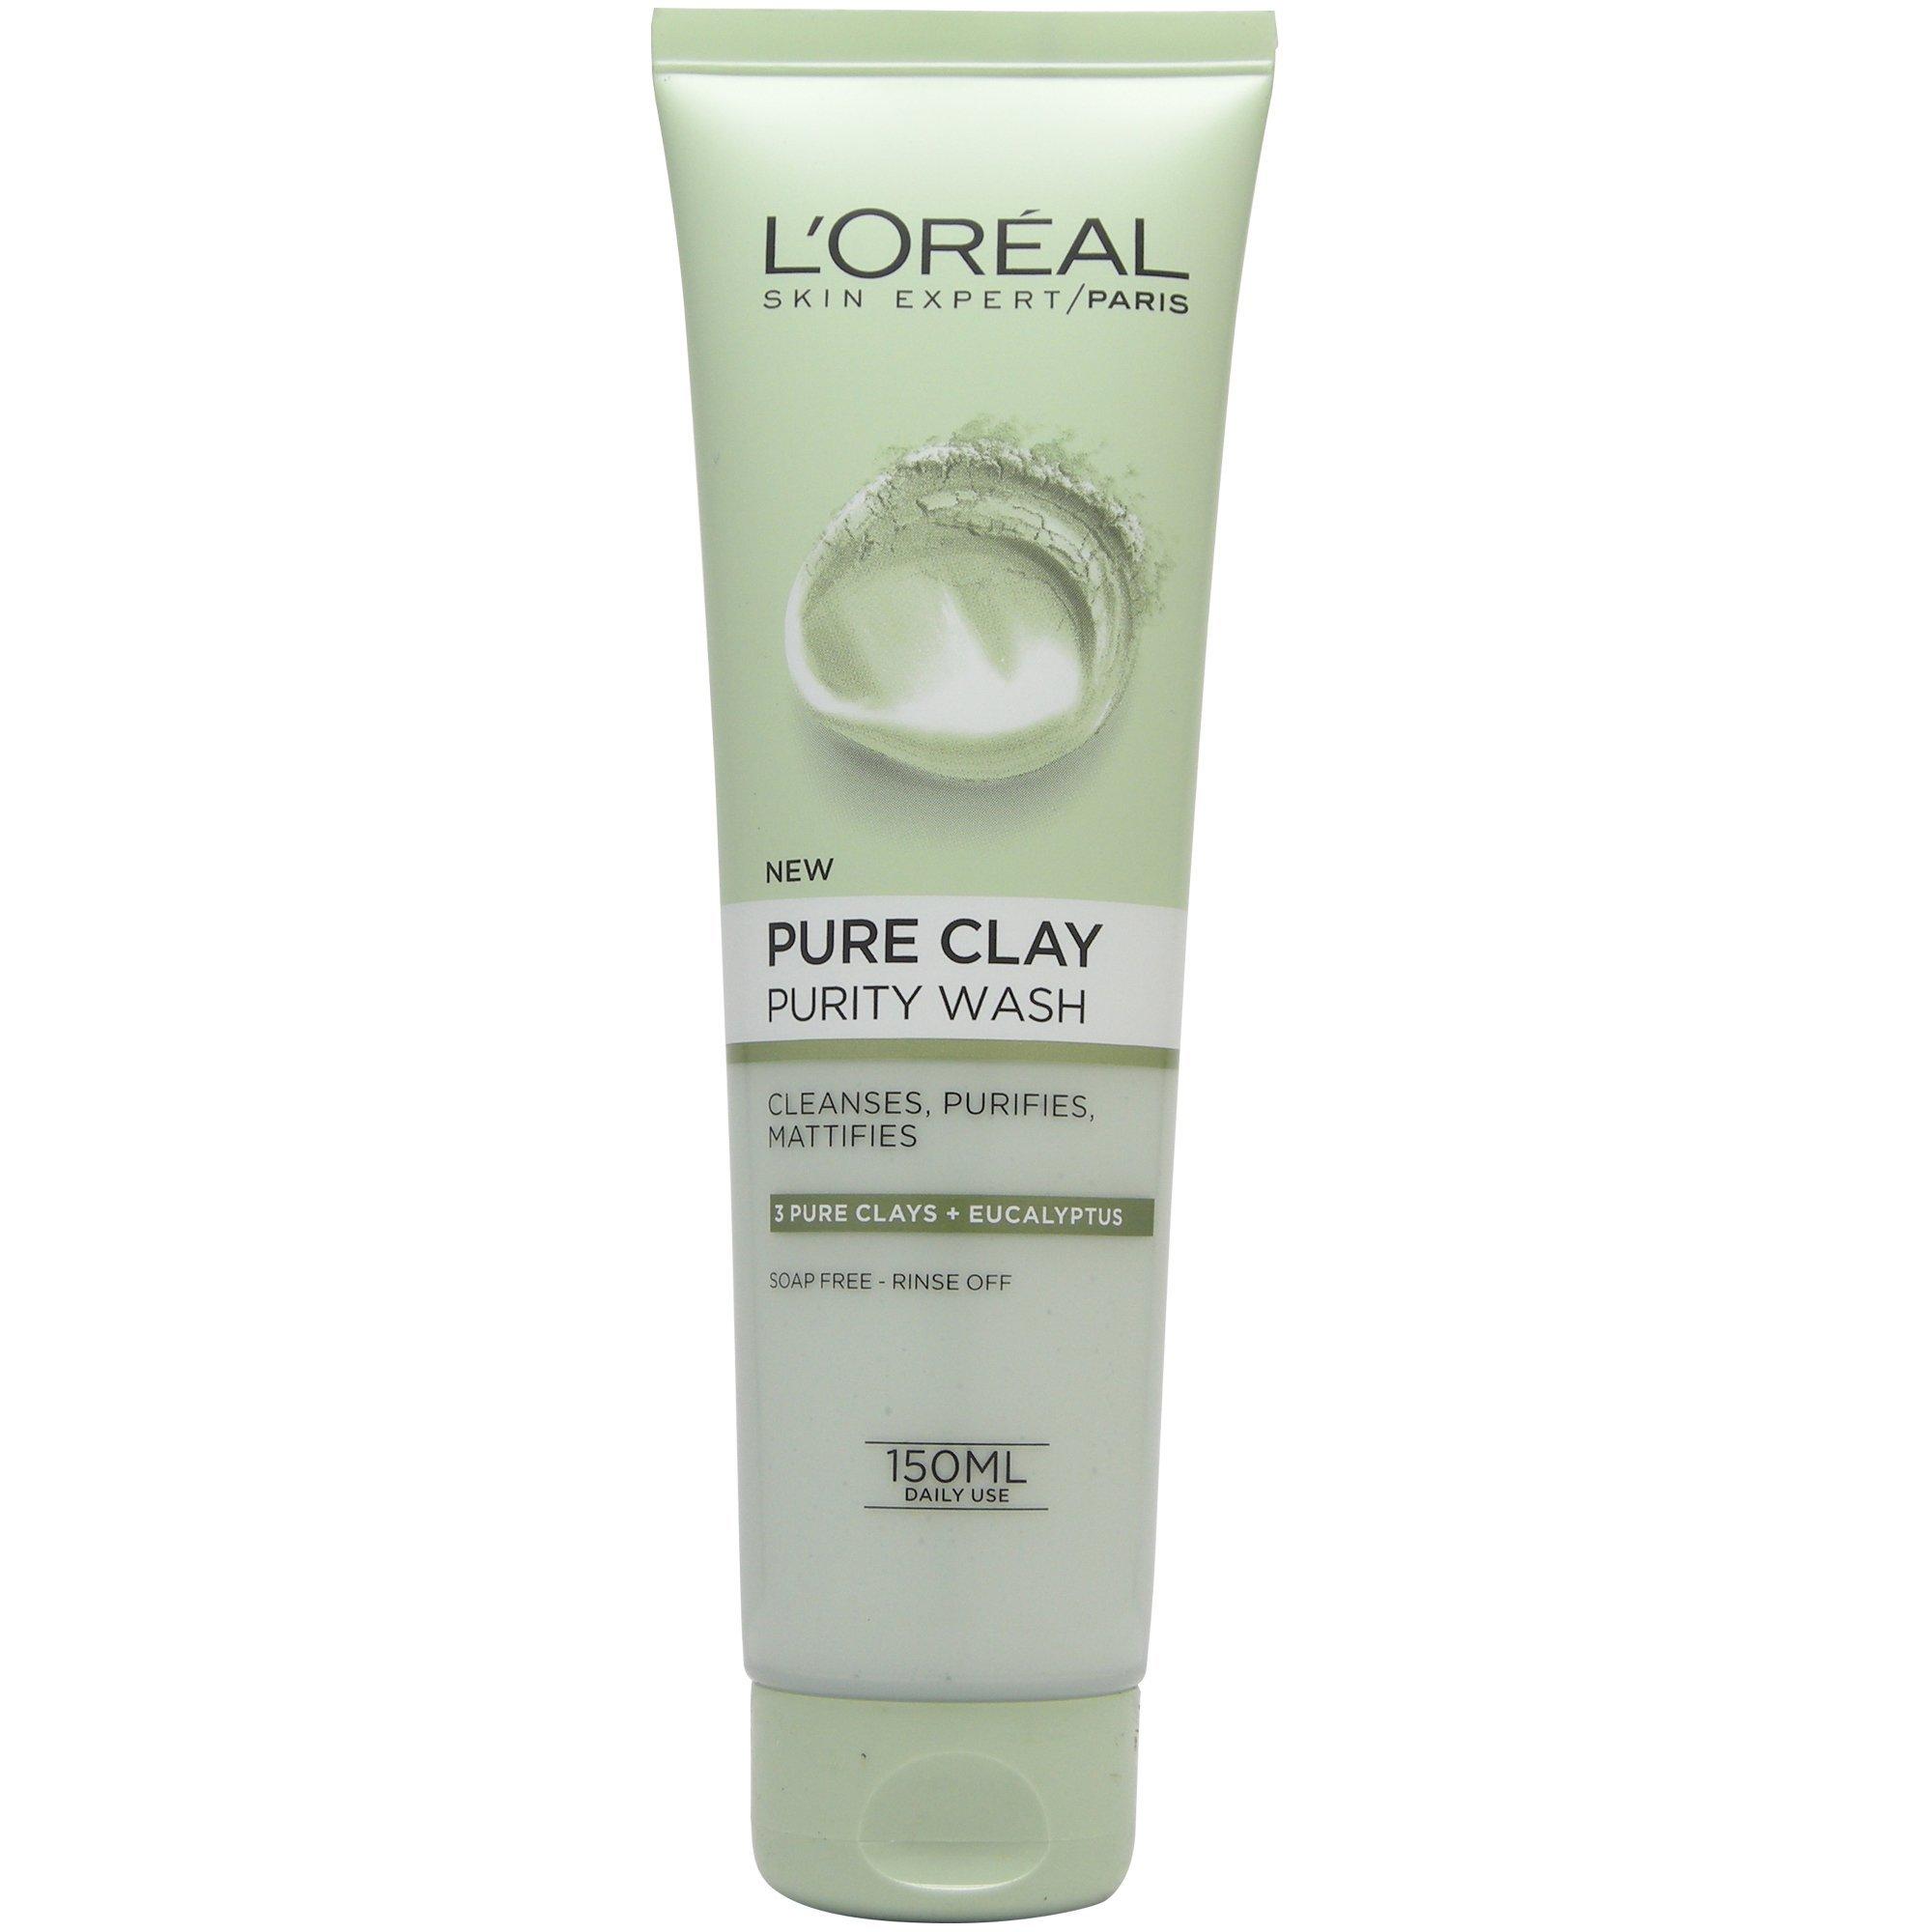 L'oreal Paris Pure Clay Purity Wash Τζελ Καθαρισμού με Άργιλο για Ματ Αποτέλεσμα 150ml